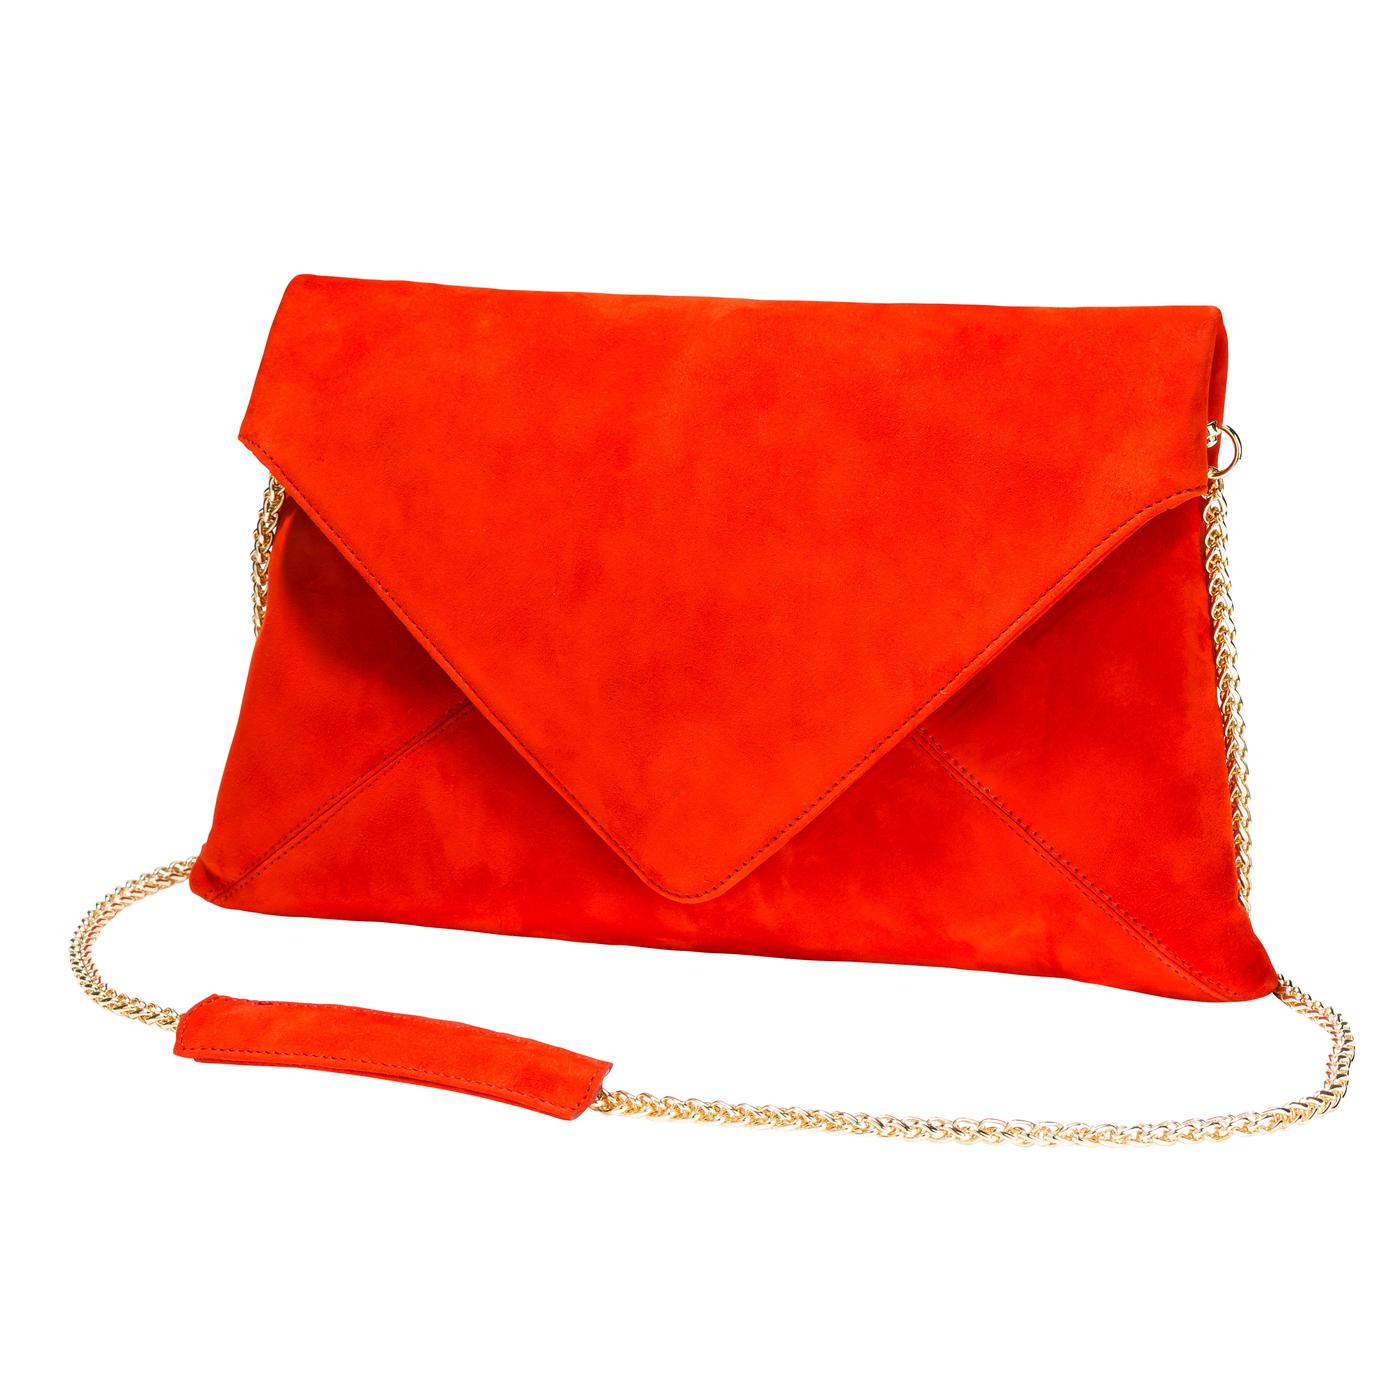 d161731d6167e Taschen Trendige Taschen